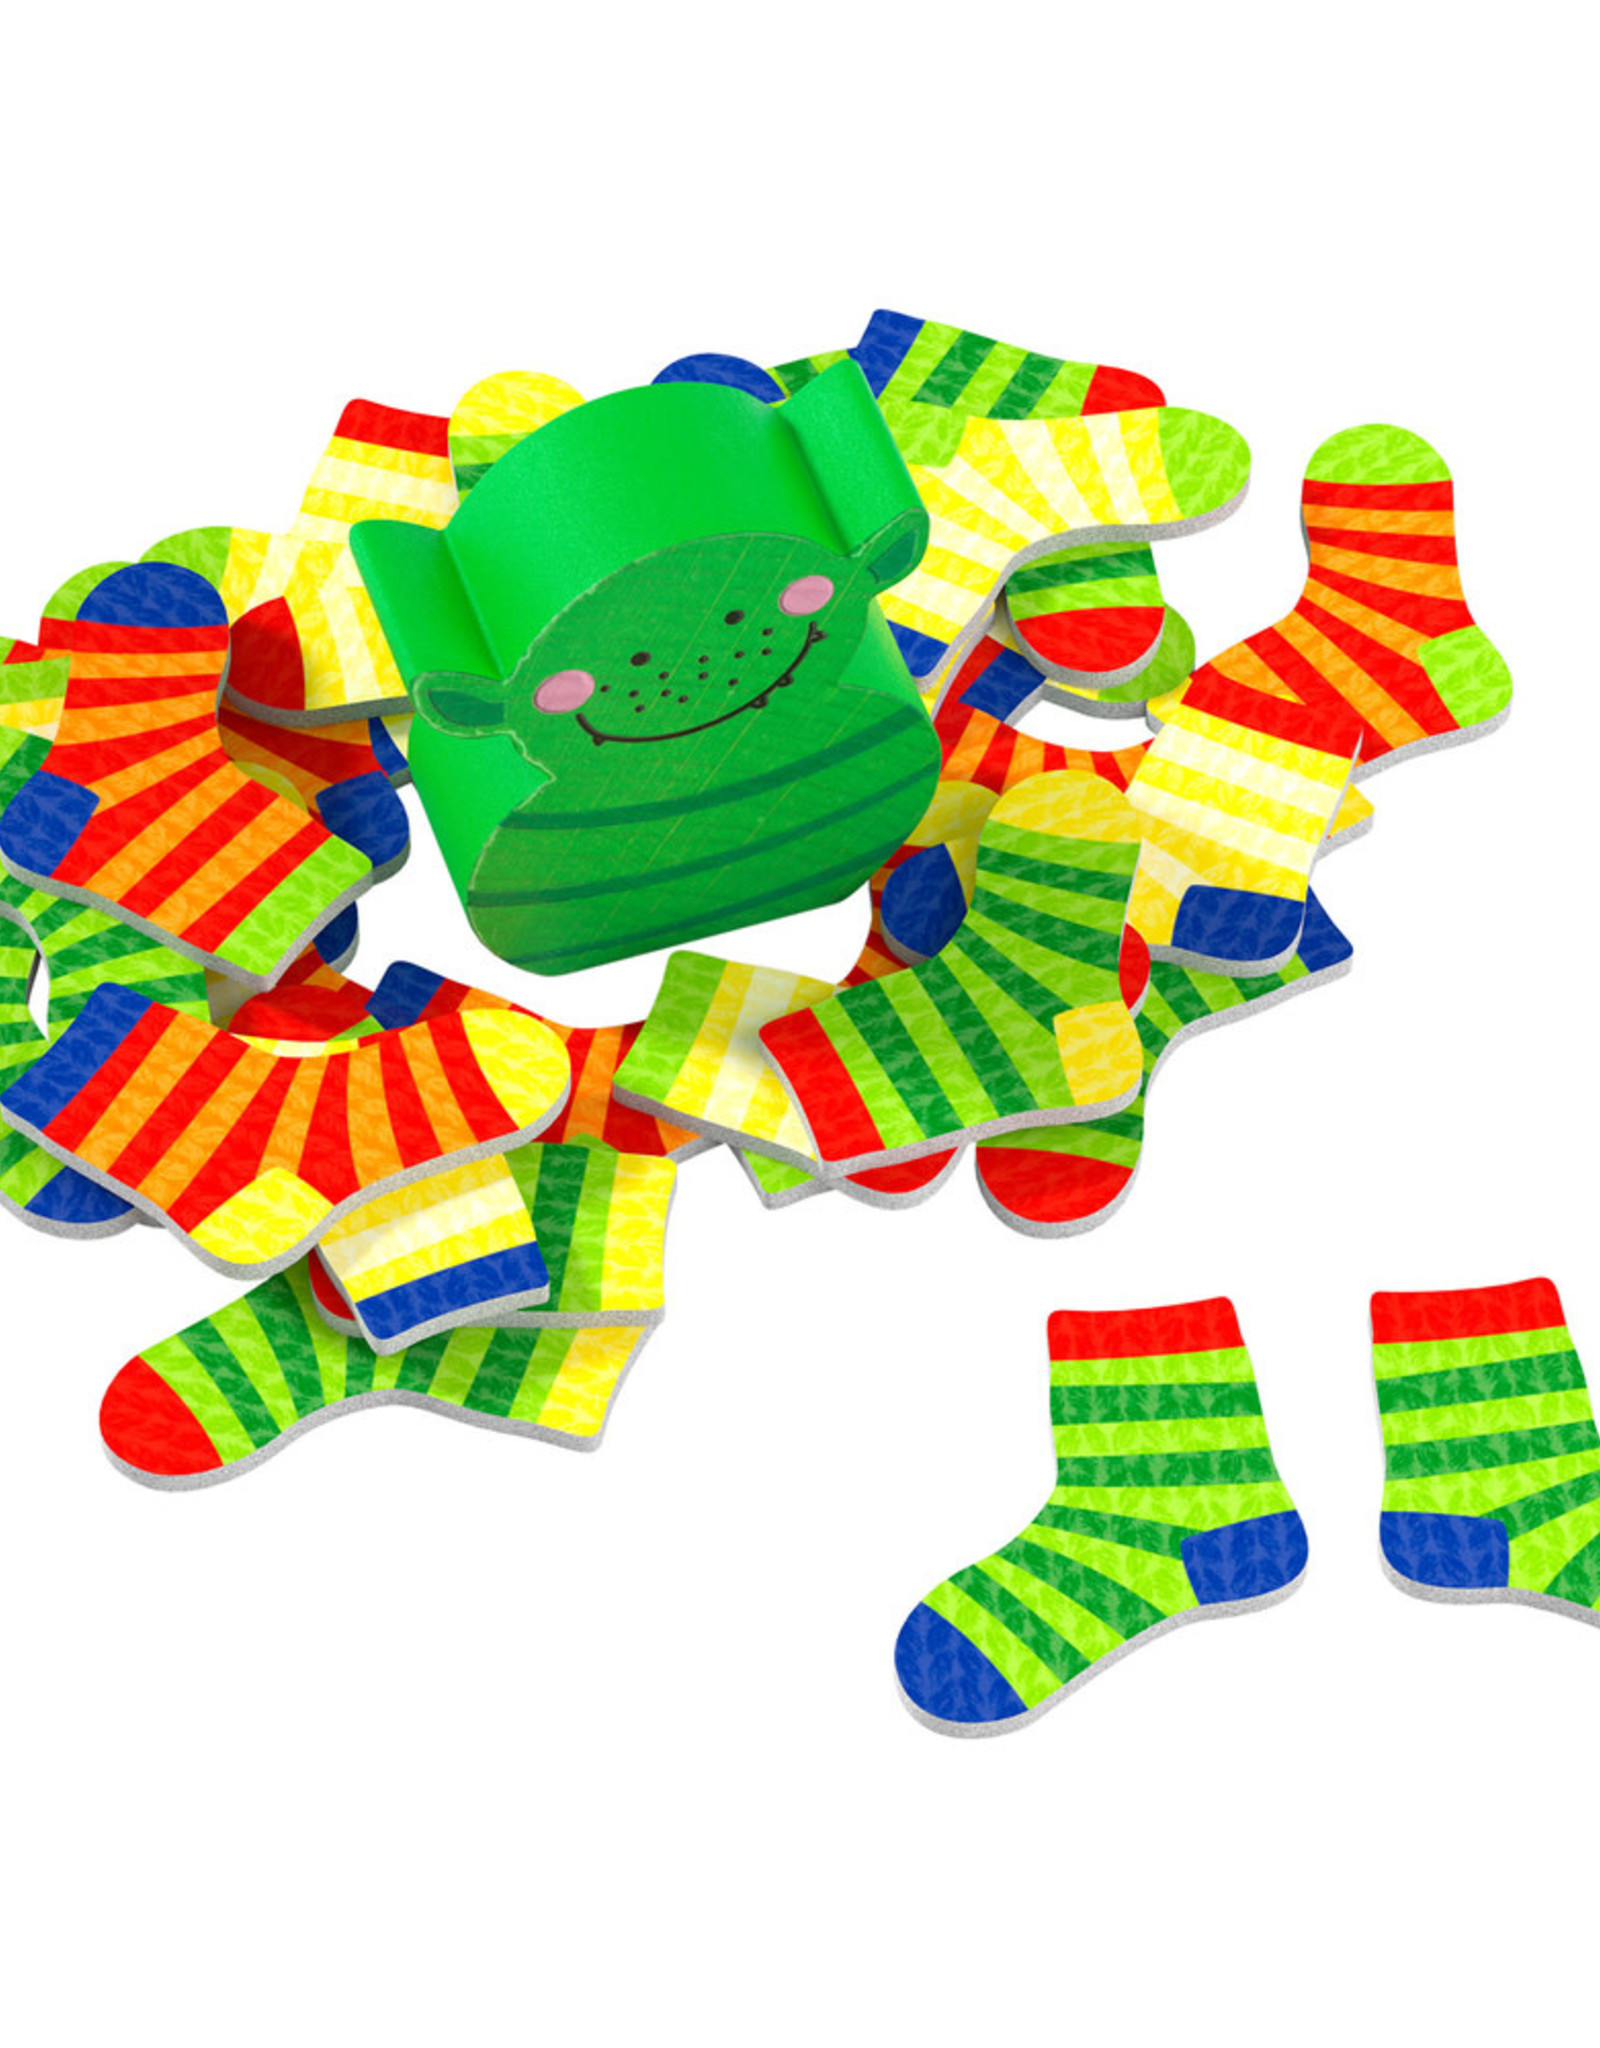 HABA Sokken zoeken mini